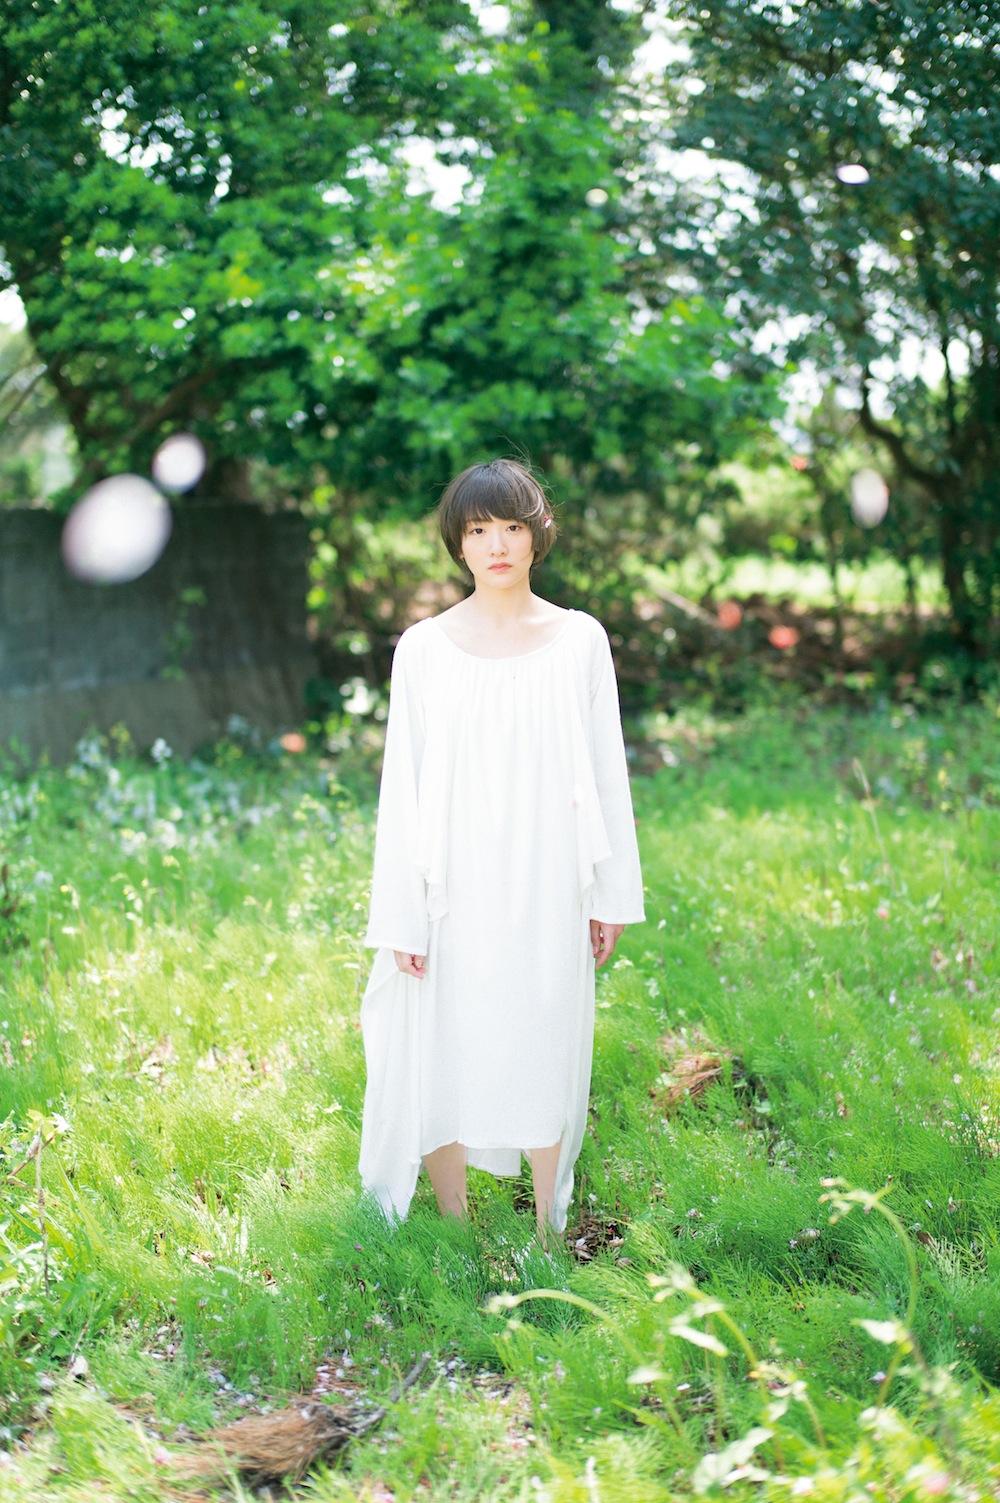 生駒里奈(乃木坂46)、「B.L.T.6月号」でラストグラビア披露